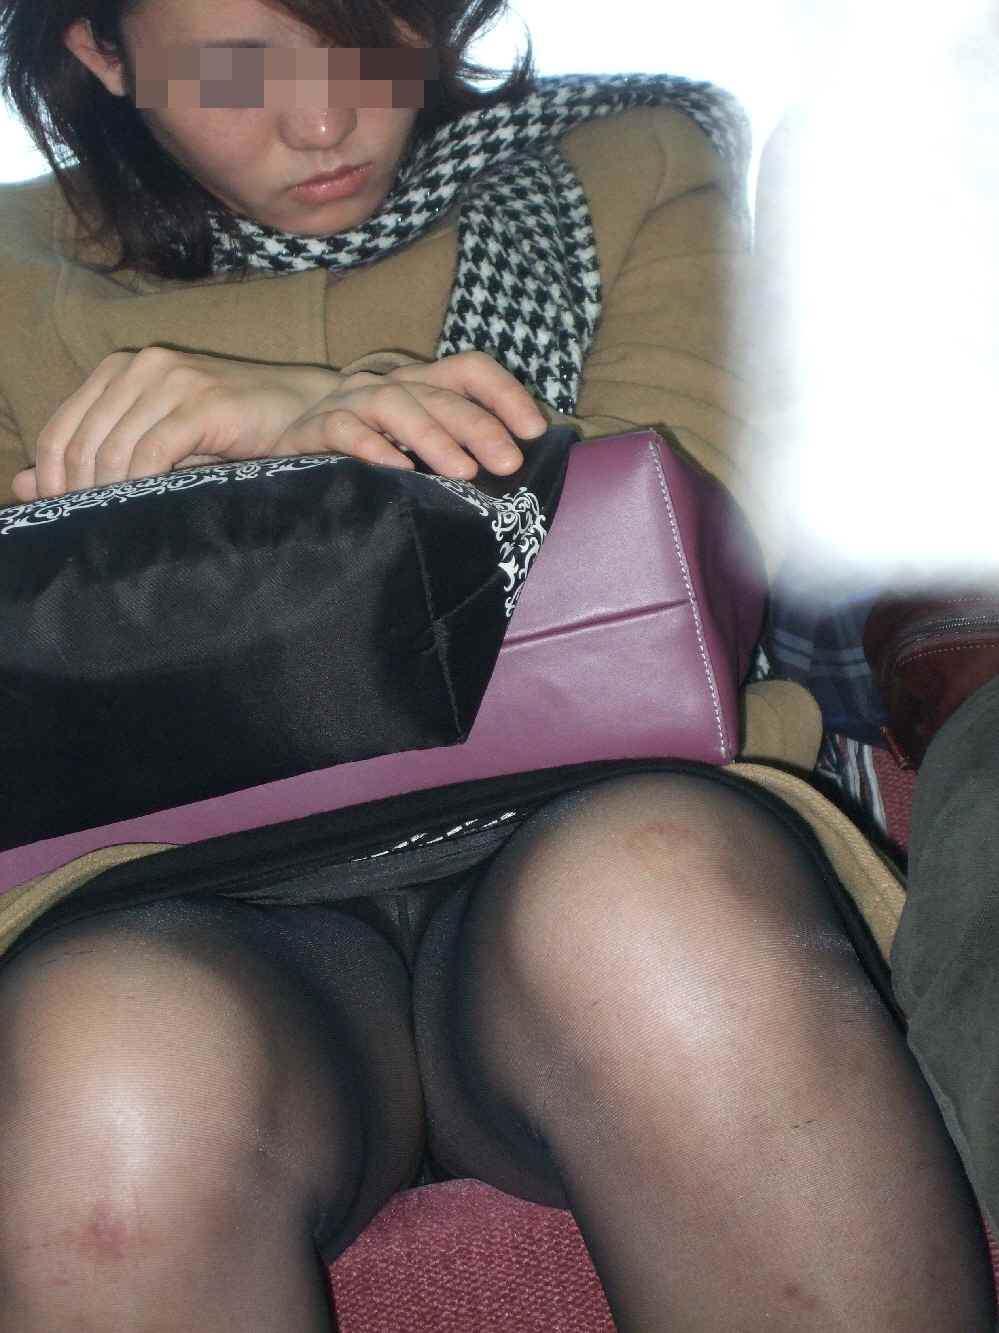 電車内って視線を低くするだけでパンチラ天国だろ!!!パンツモロ見え隠し撮りwwww 1632